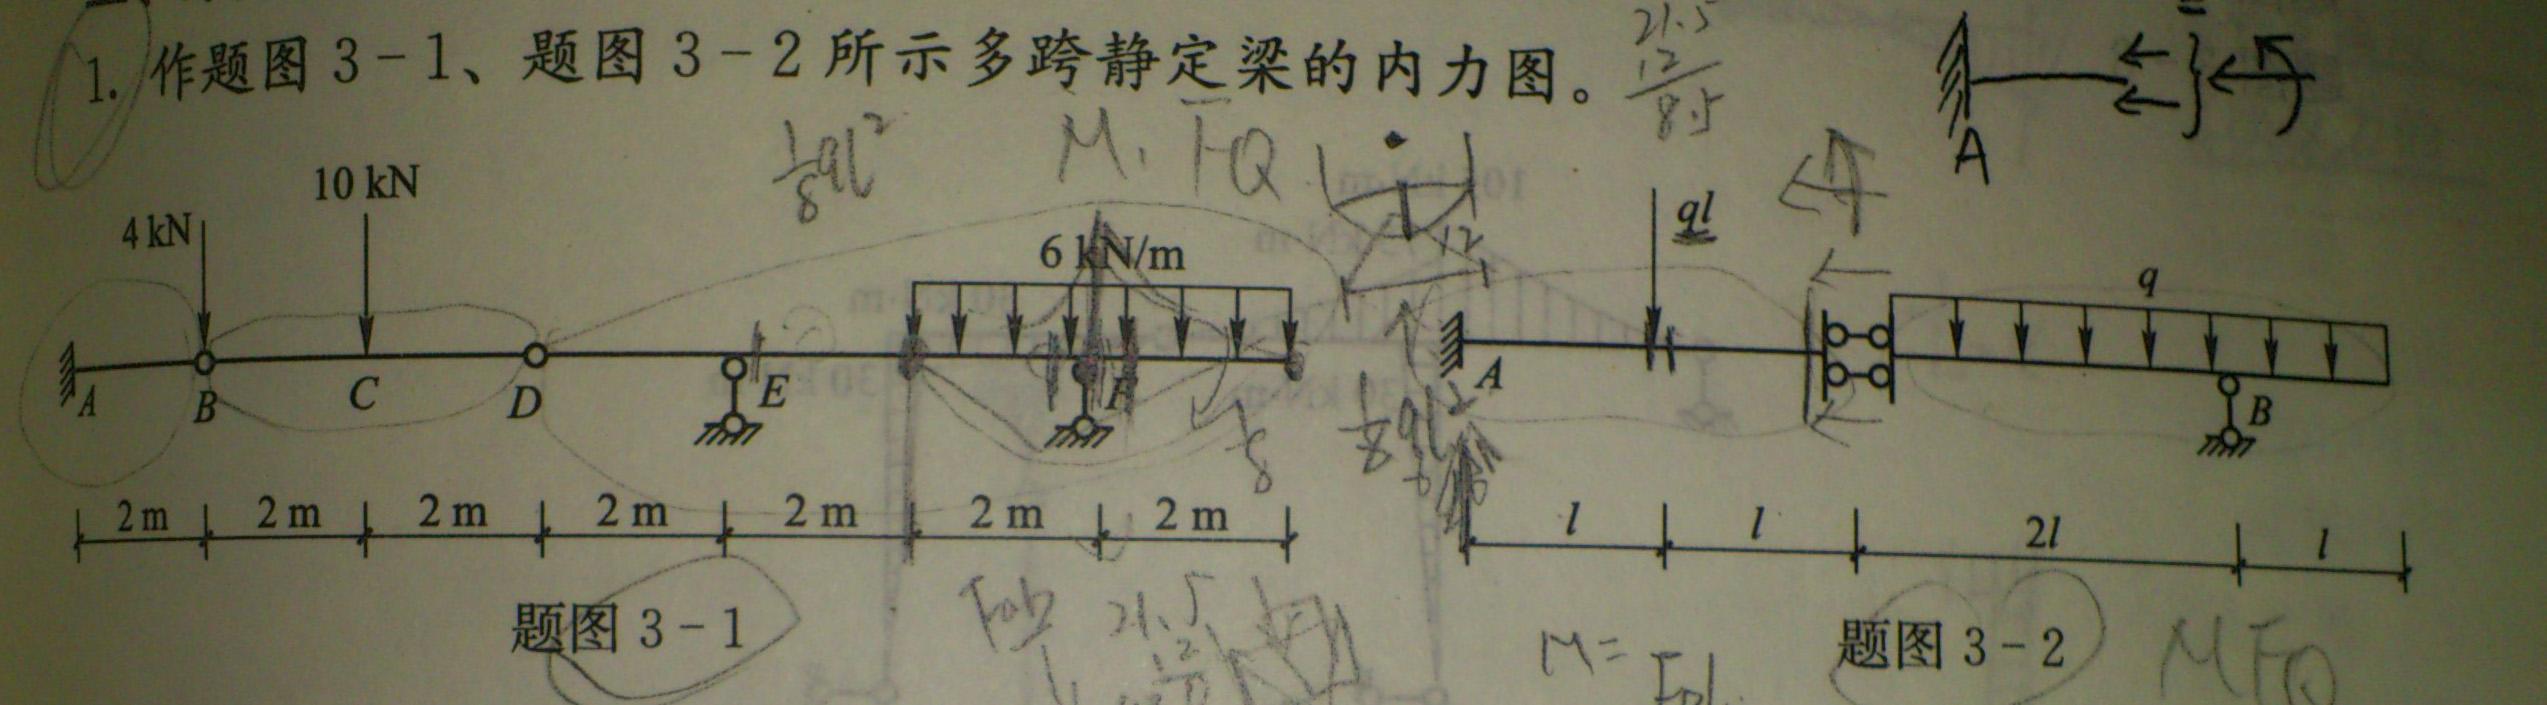 结构力学的高手在哪里,急求答案啊!怎么做剪力和弯矩图!